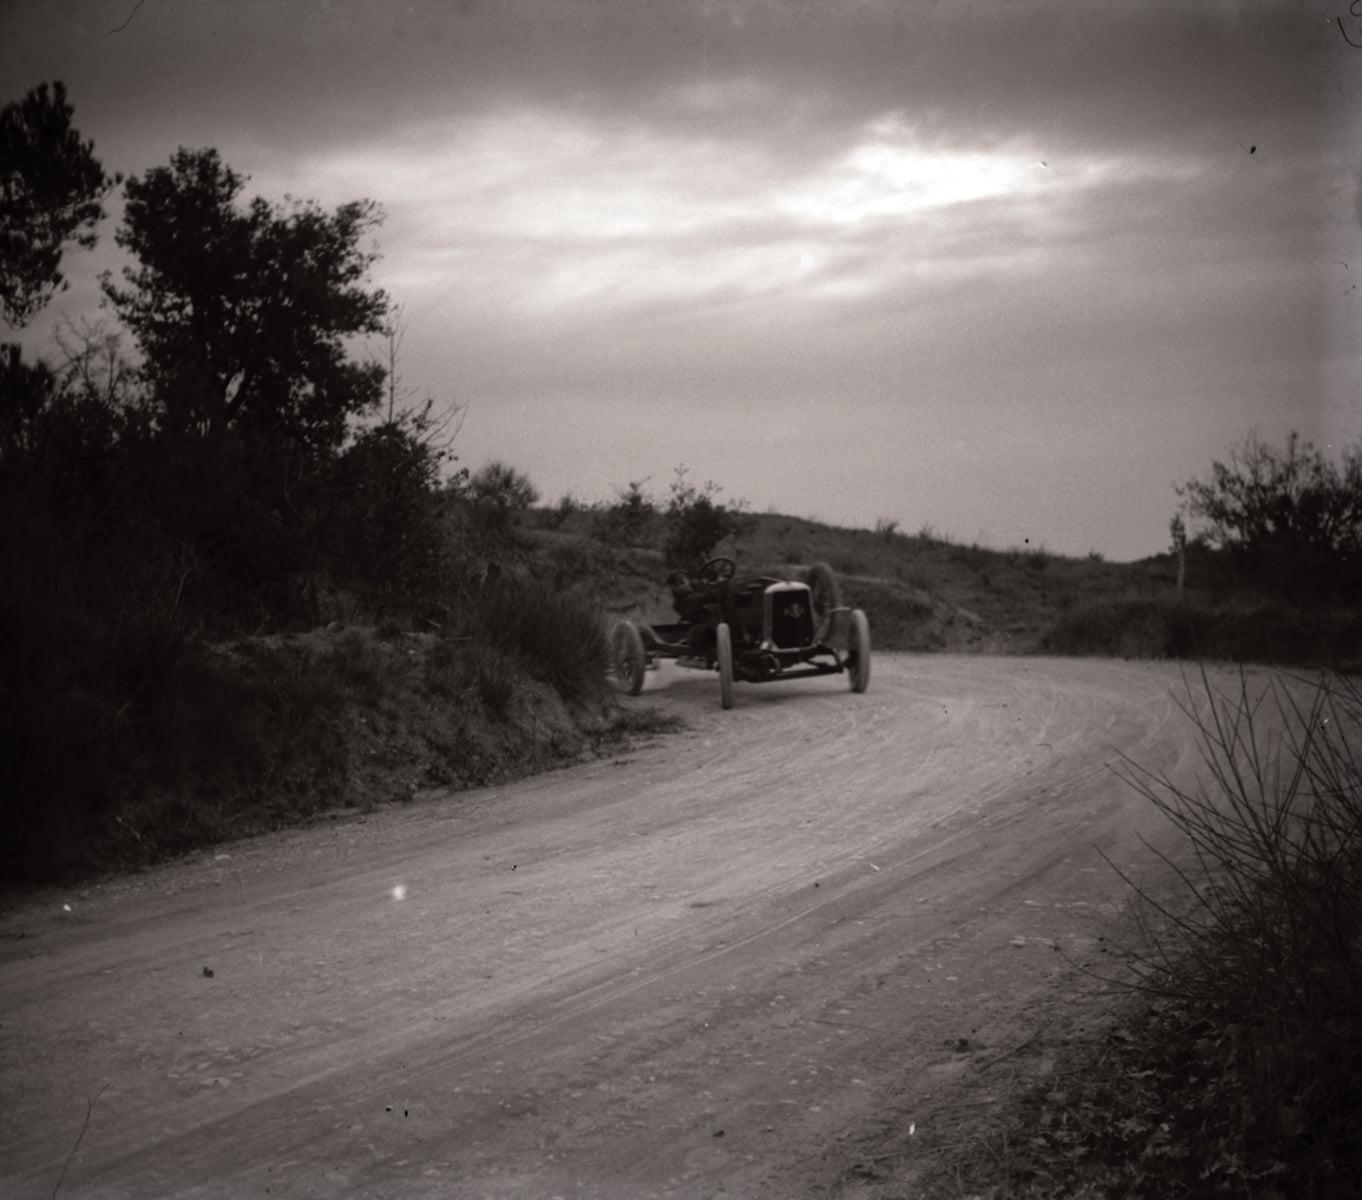 -Panhard-en-Levassor-chassis---een-10PK-uit-het-midden-van-de-jaren-1920-(2)